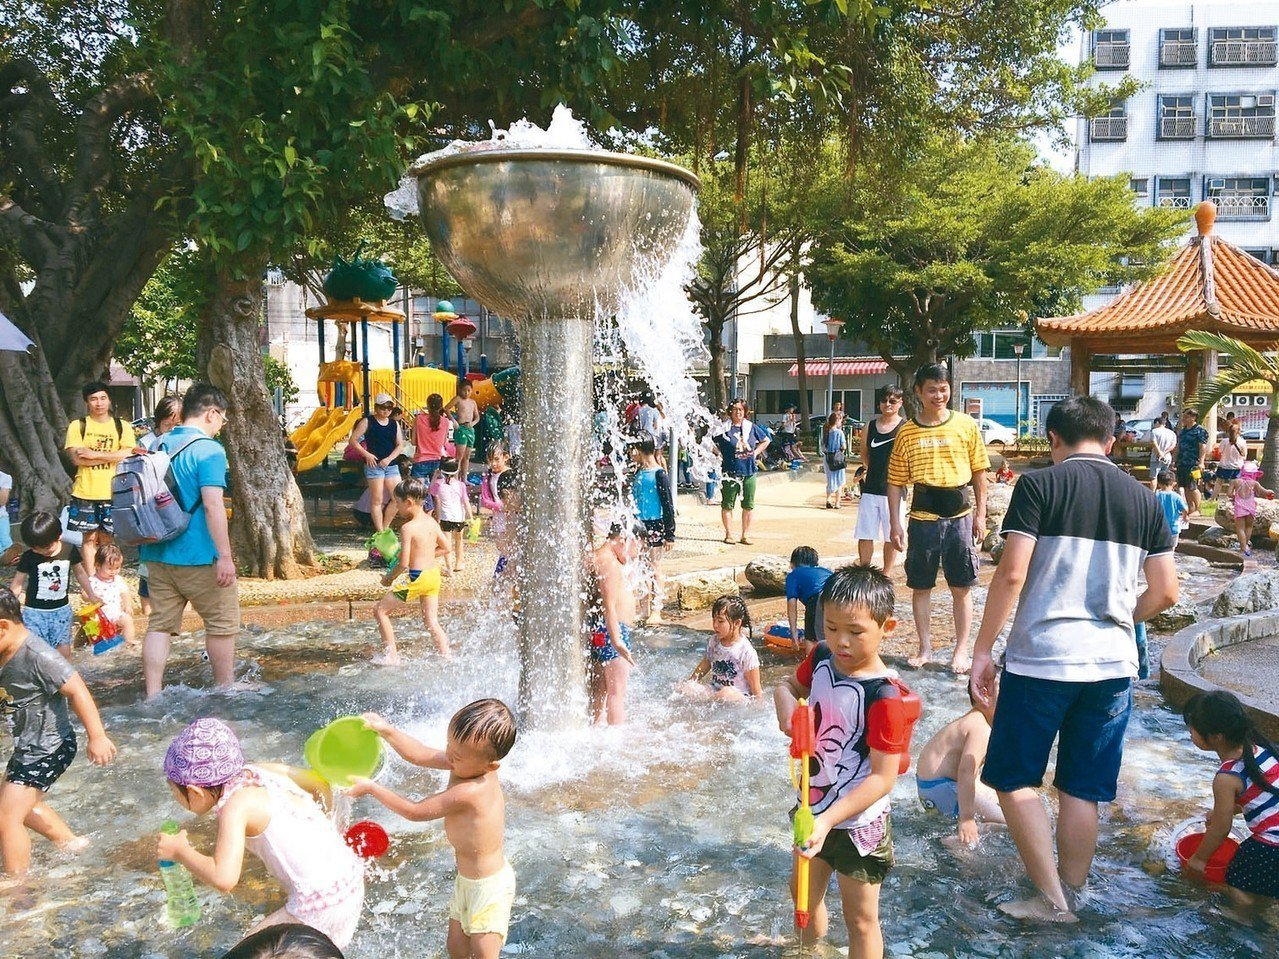 2018年六都以桃園市淨遷入2.3萬人最多,連6年排名第一。圖為桃園某公園戲水池...